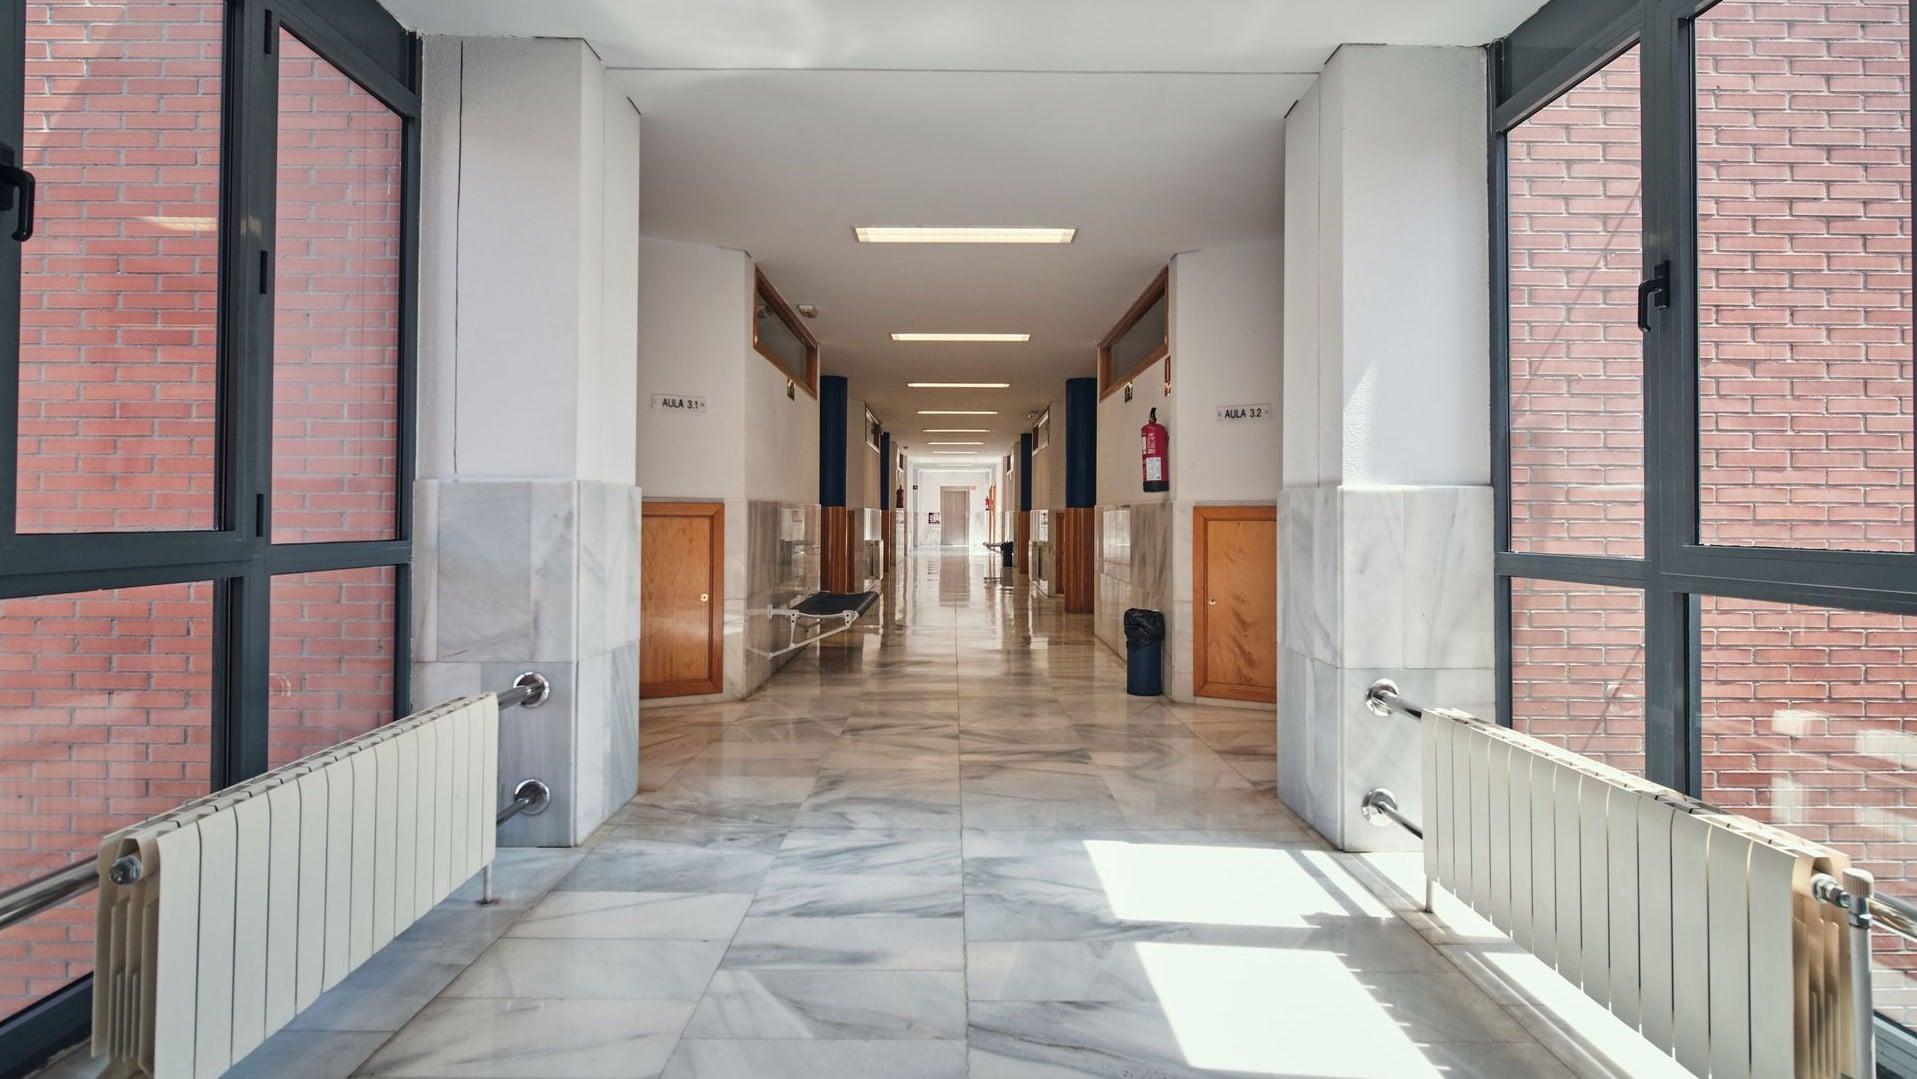 https://funge.uva.es/wp-content/uploads/2020/09/Pasillo-Centro-de-Idiomas-de-la-Univerisdad-de-Valladolid-UVa-panorámica.jpg